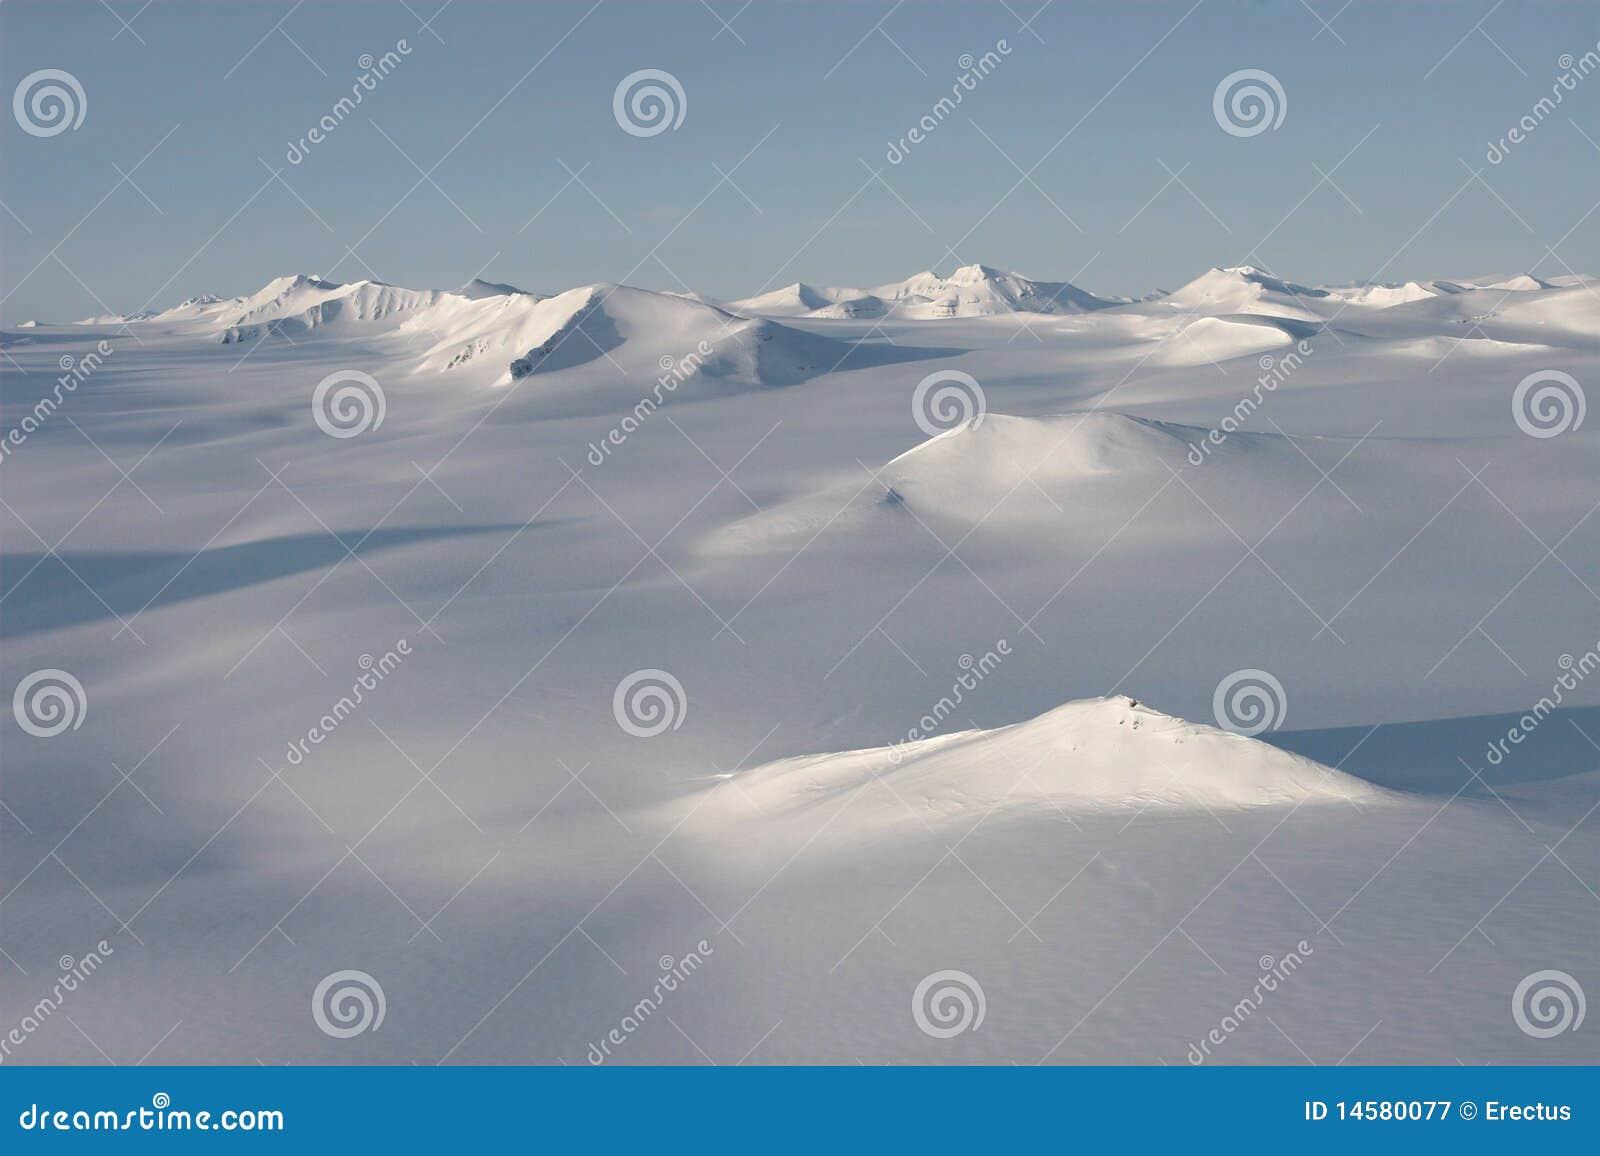 Arctic landscape, glaciers and mountains